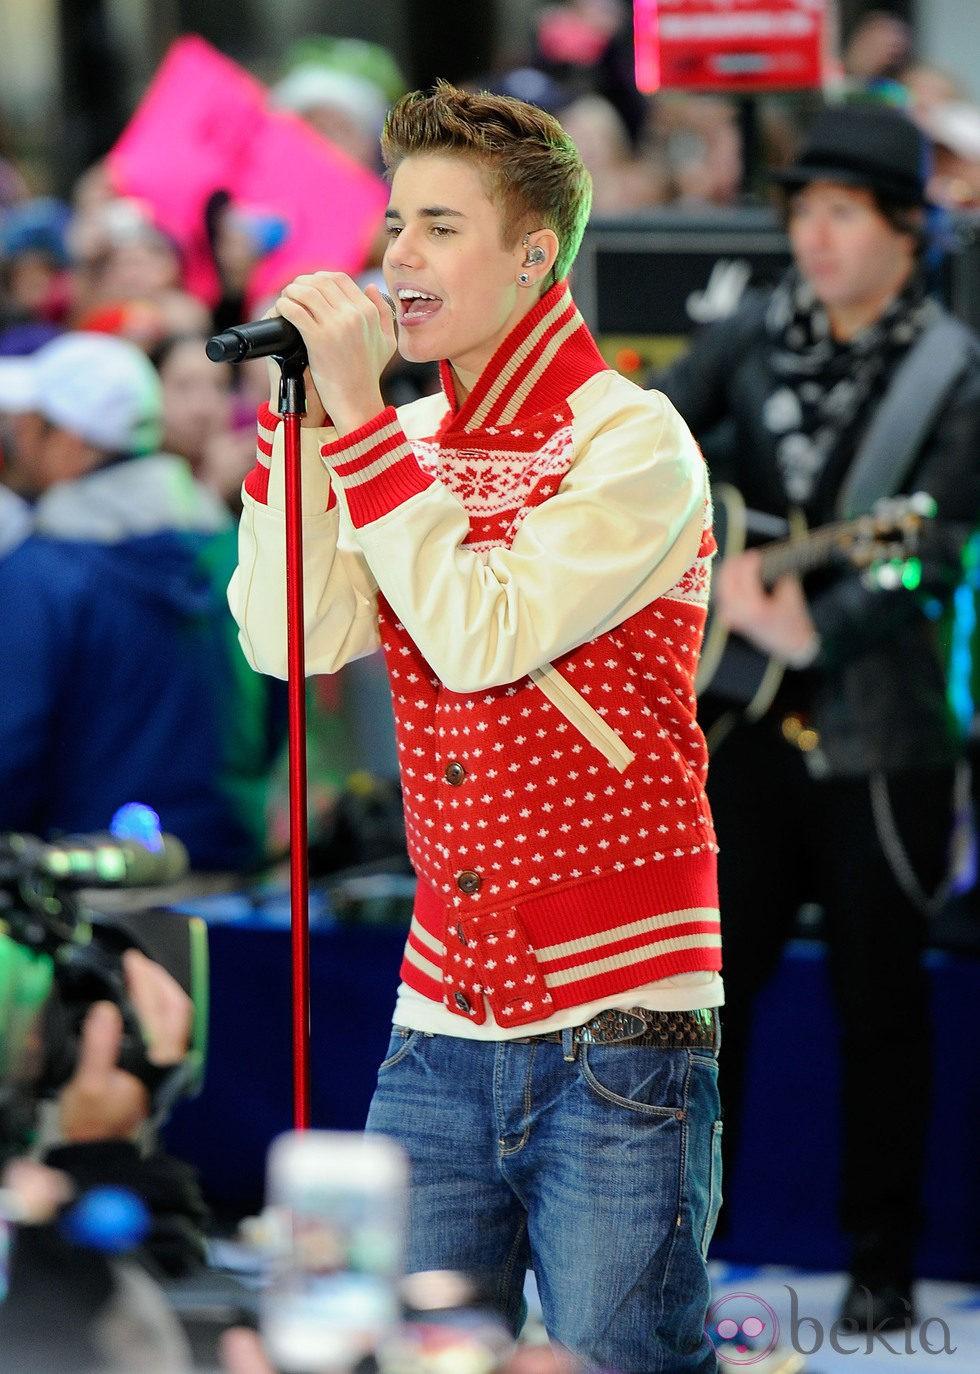 Justin Bieber, en una actuación en el centro de Nueva York